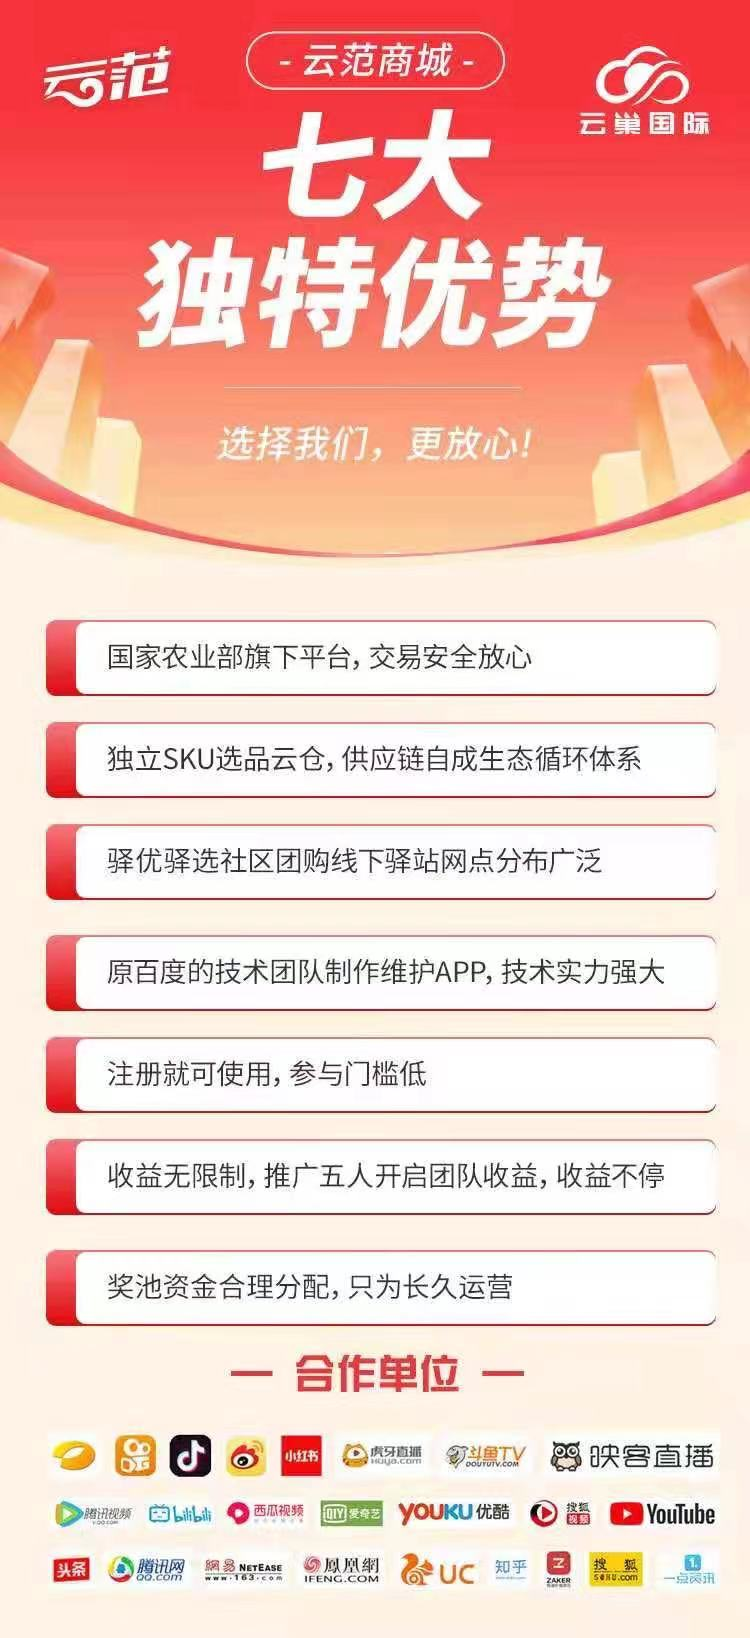 上海拼团商城好不好做